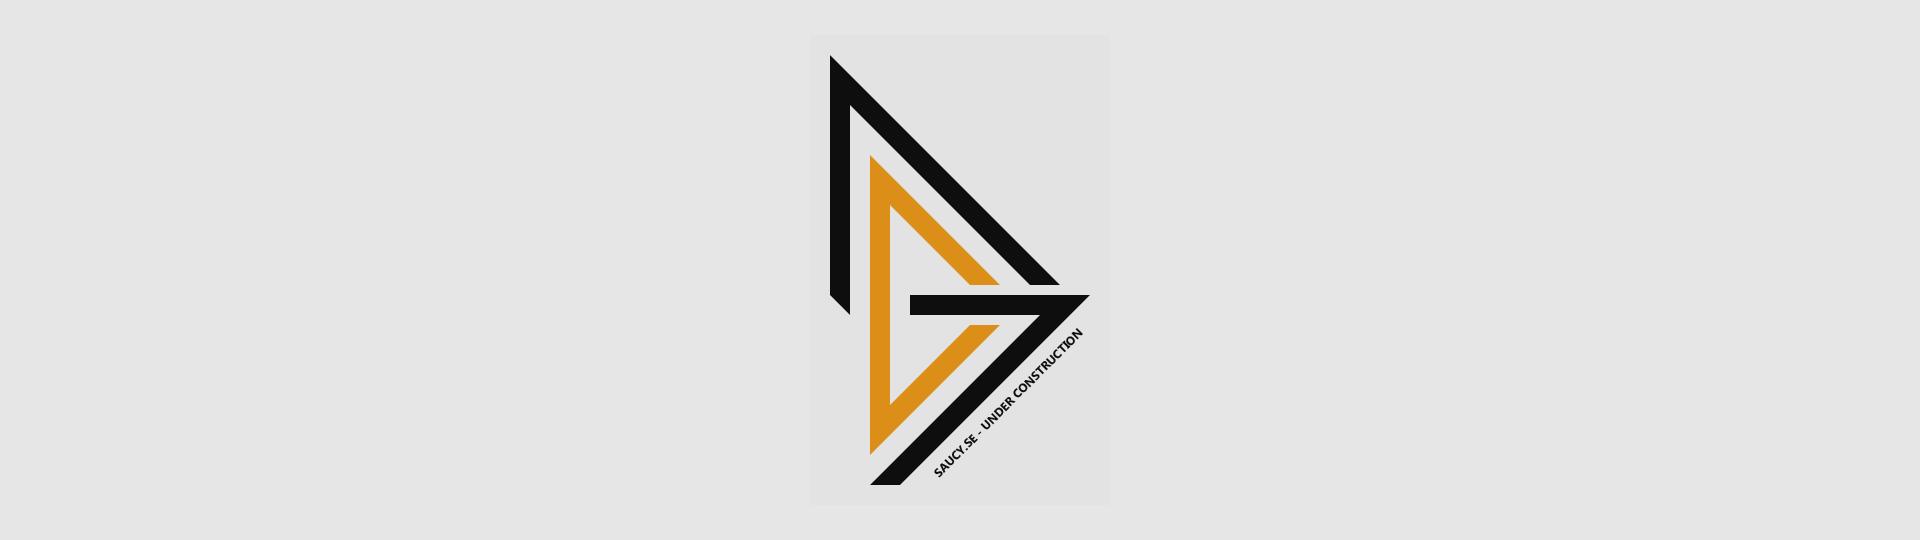 v1-ph/assets/images/banner.png